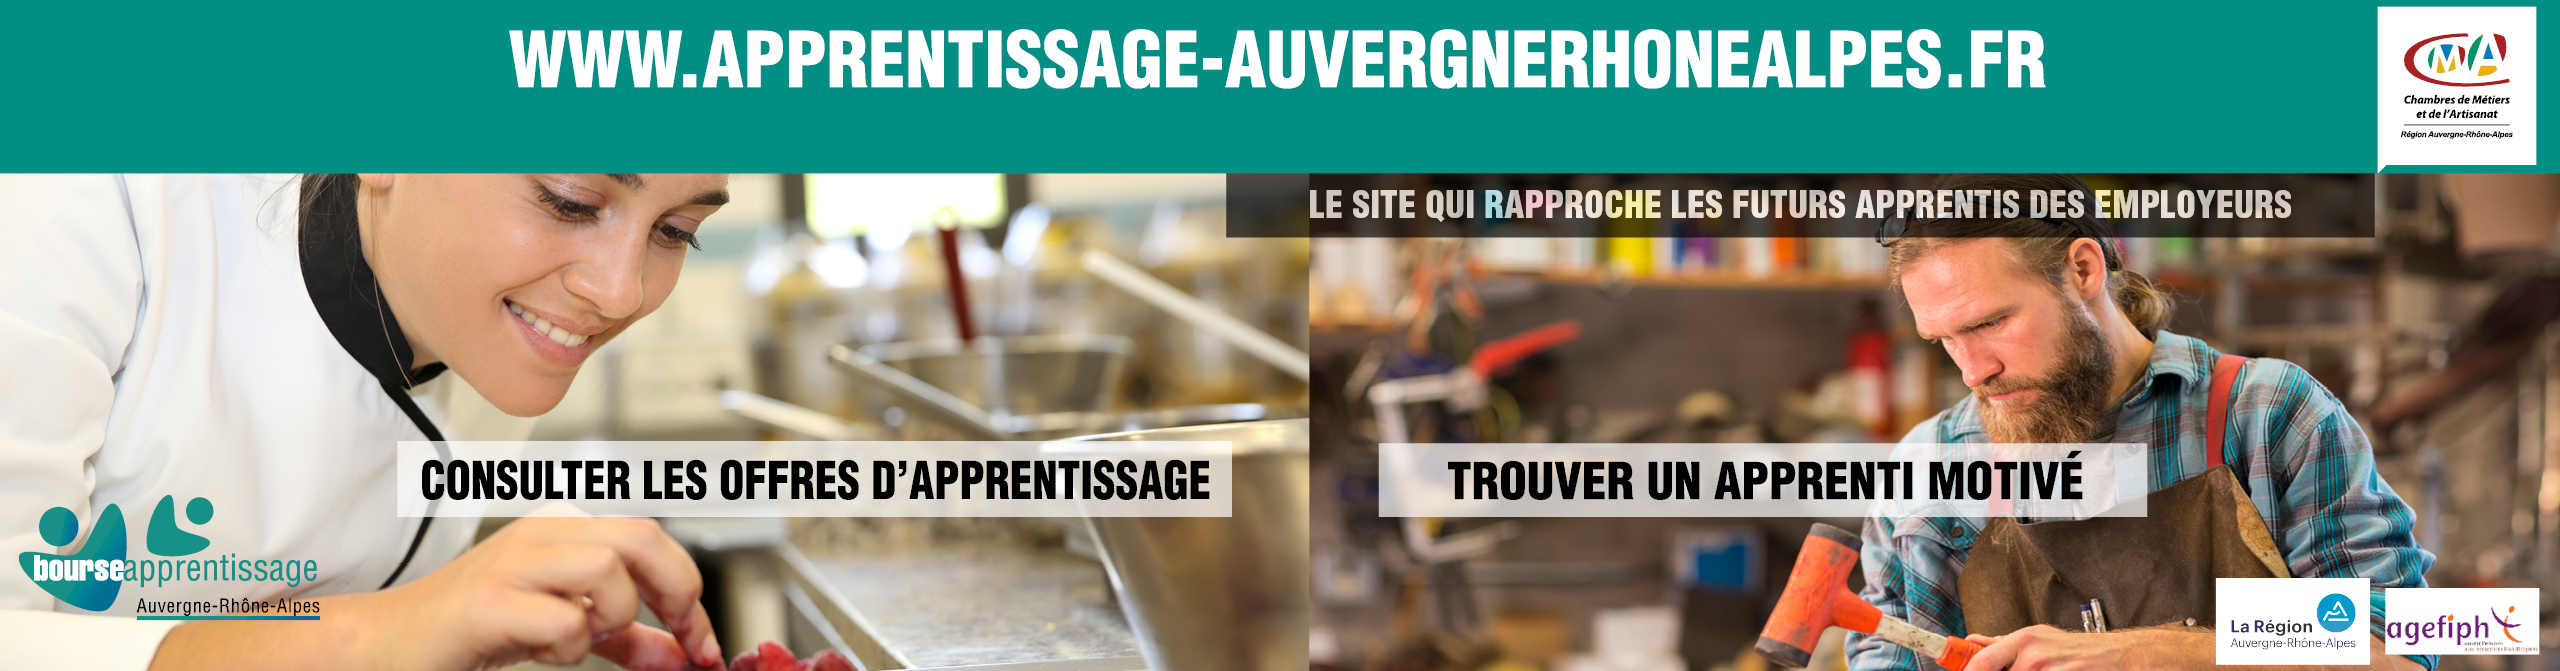 banniere_bourse_apprentissage.png